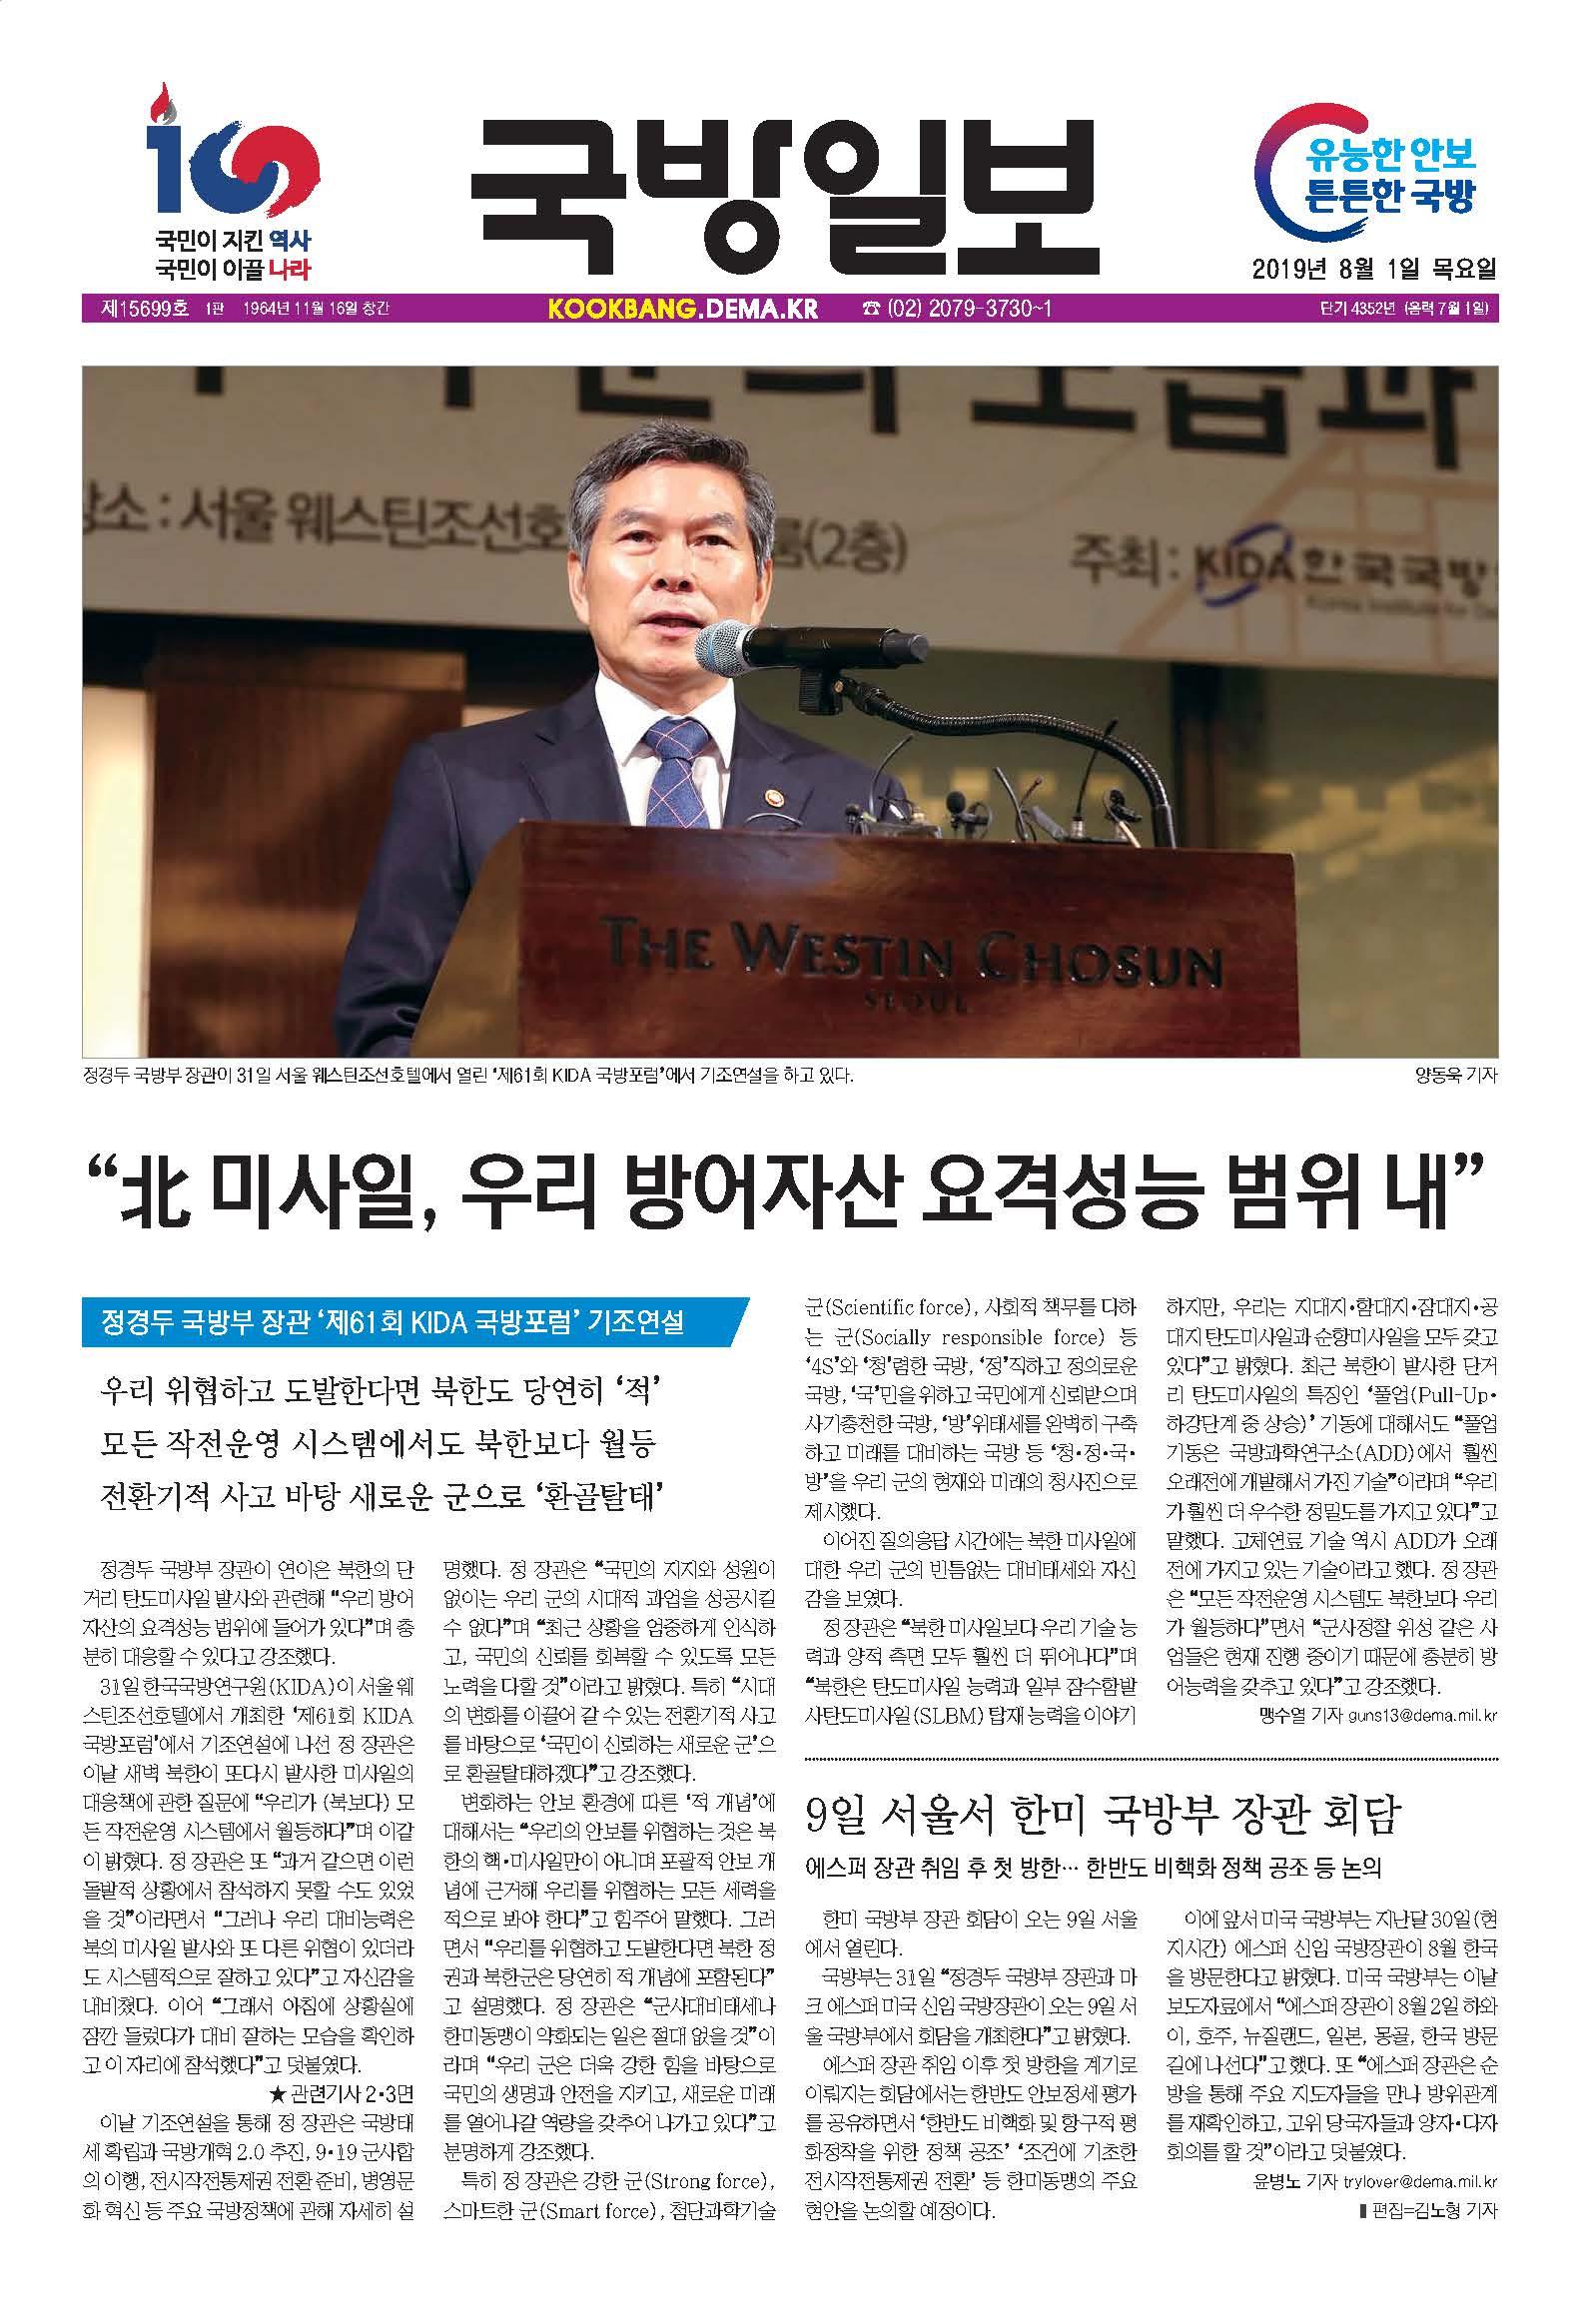 국방일보 2019년 8월호